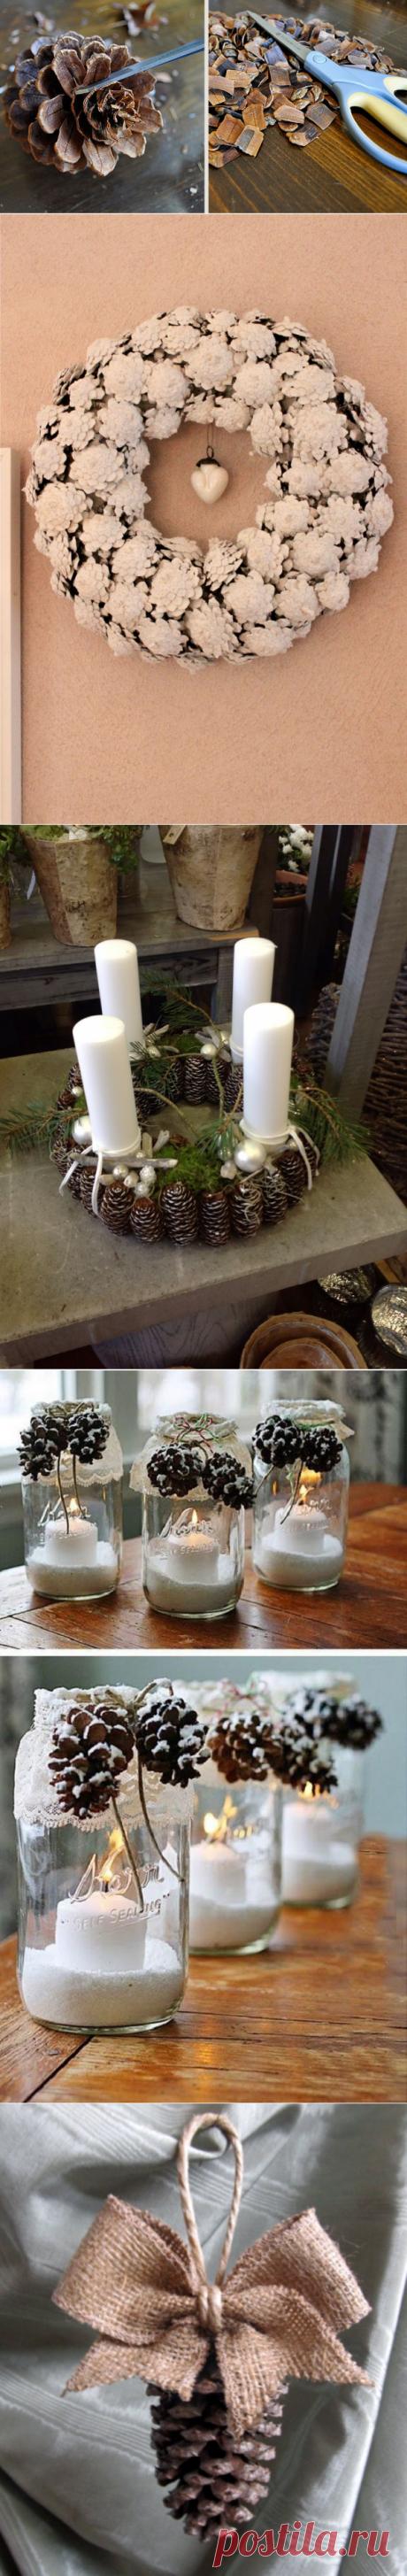 Мастерица знает как сэкономить на новогоднем декоре. Она превратила свой дом в сказку